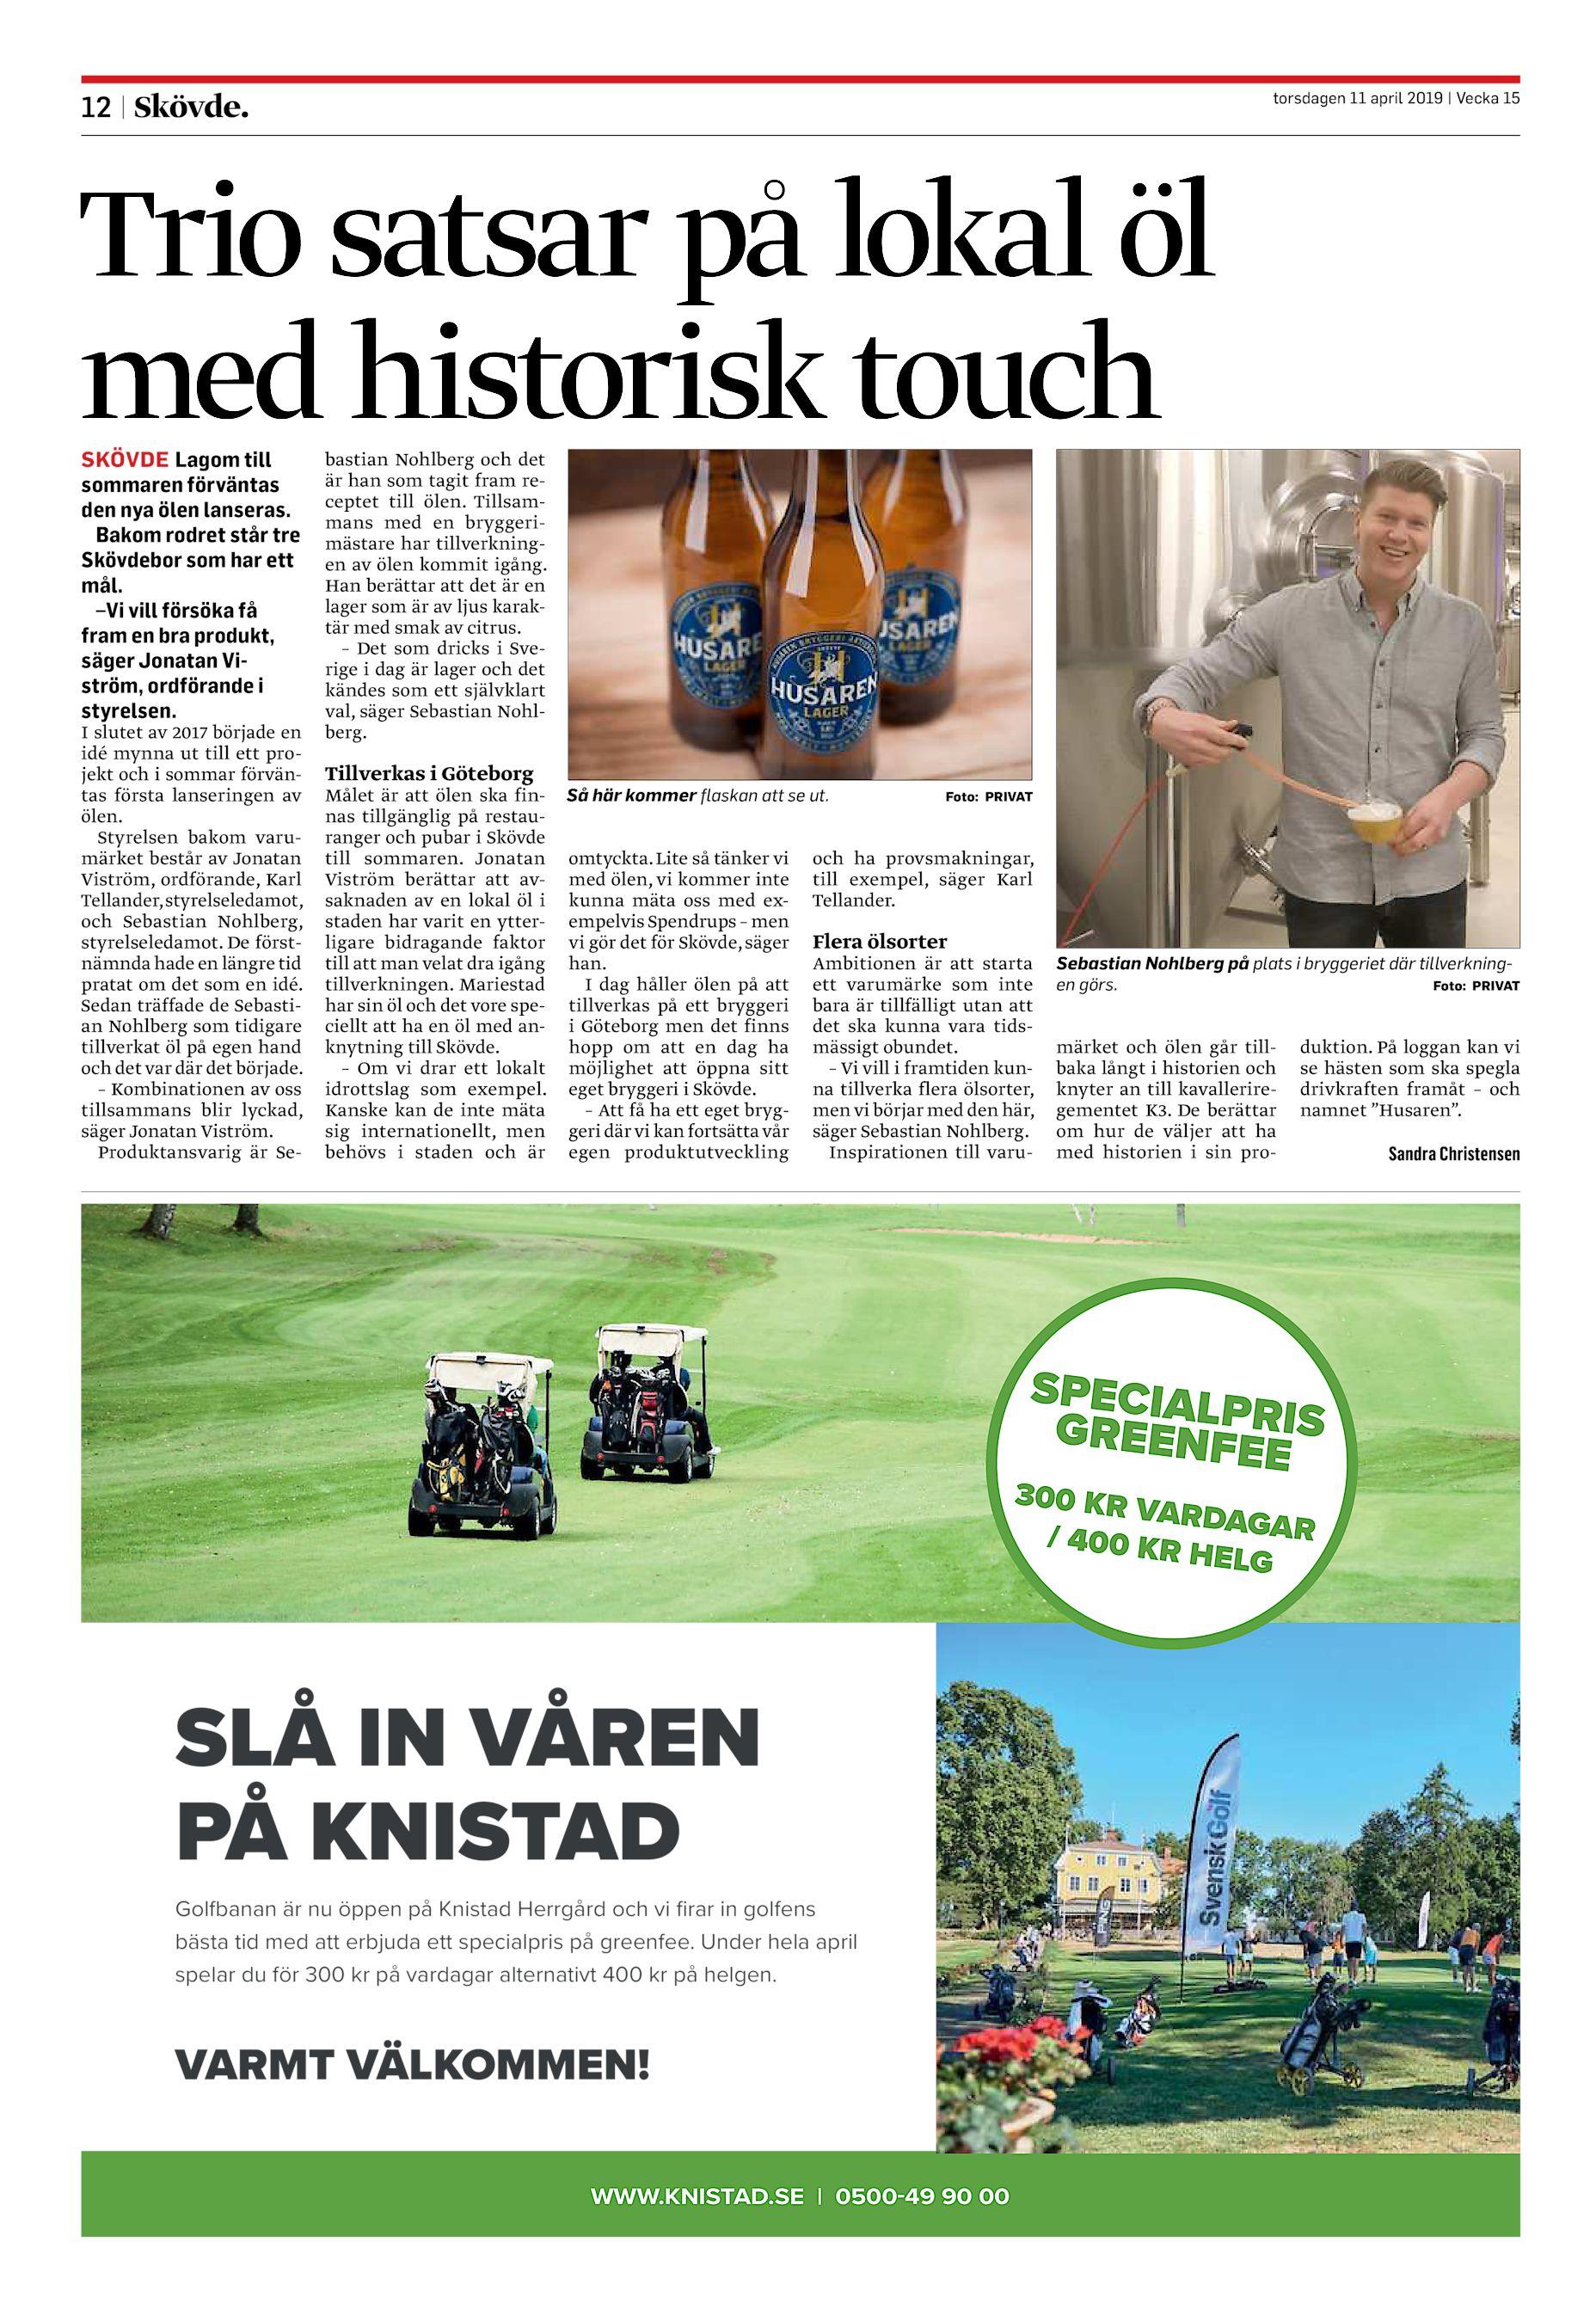 Sven Gran Dehln, Bygdevgen 30, Sollentuna | unam.net